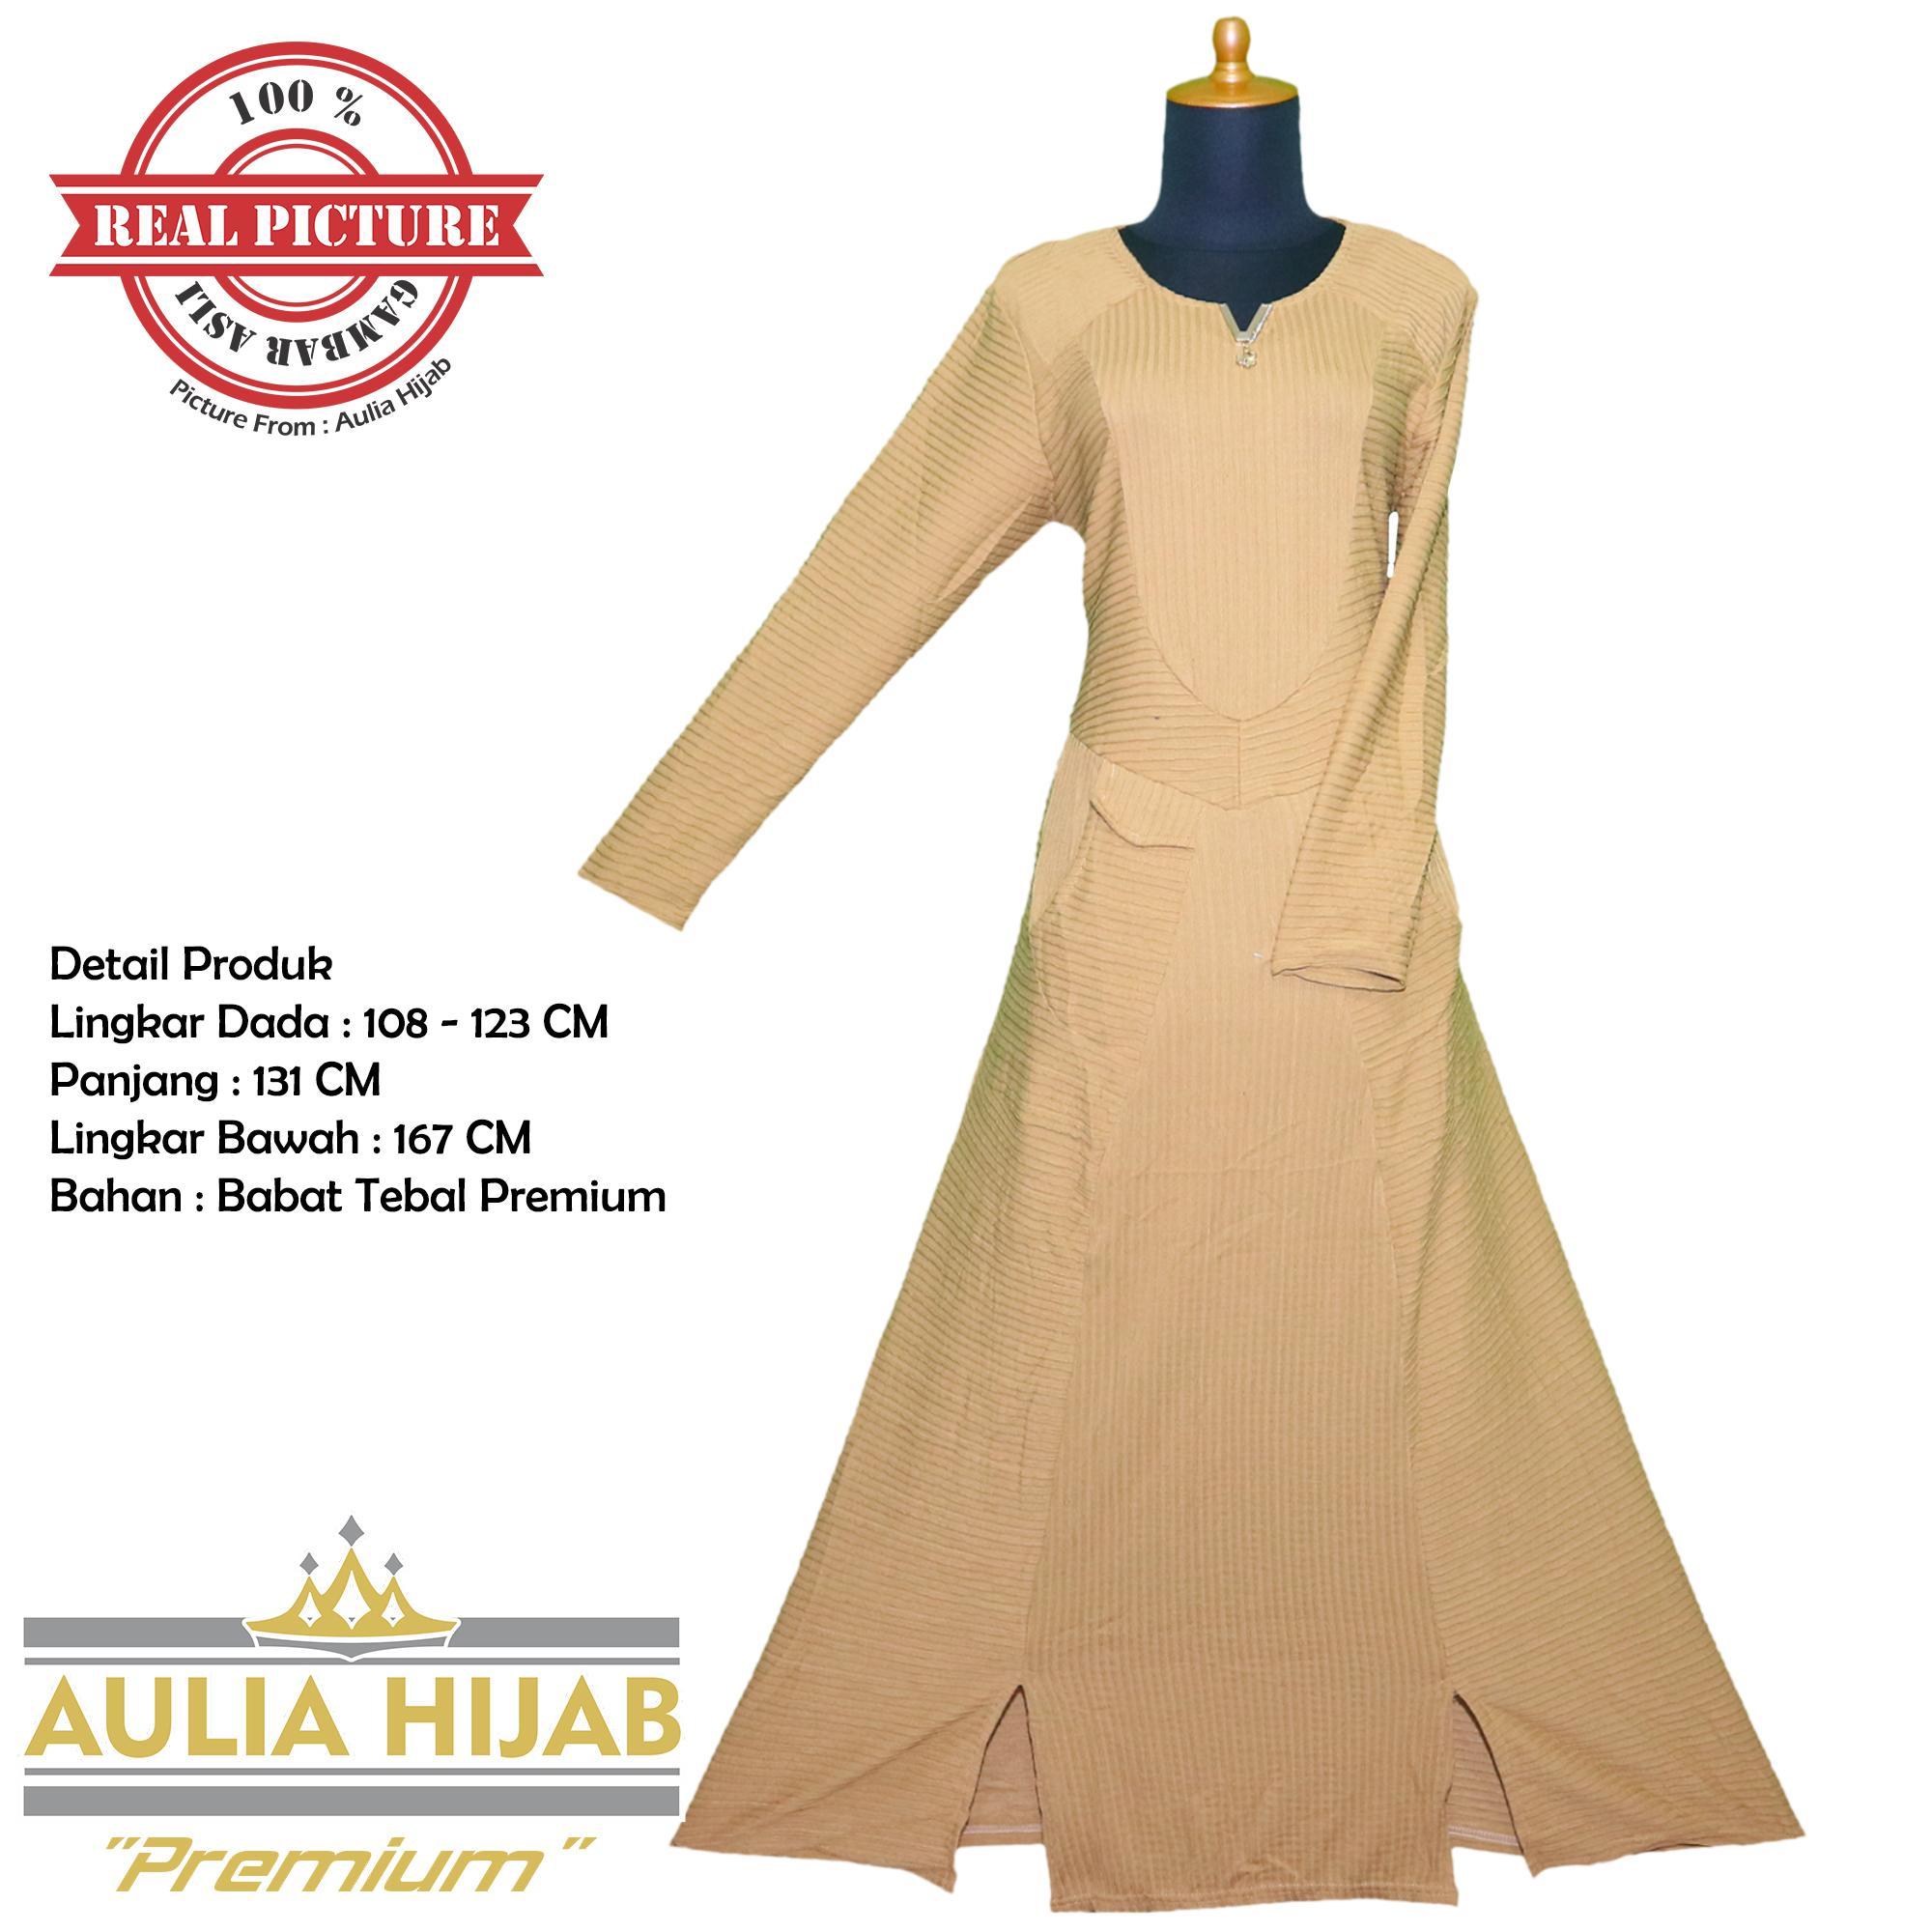 [Premium] Aulia Hijab - Gamis Merry Dress #1 Premium Bahan Babat Premium/Gamis Premium/Gamis Terbaik/Gamis Kerja/Gamis Santai/Gamis Pesta/Gamis Anak Muda/Gamis Terbaik/Gamis Aulia Hijab/Gamis Murah/Gamis Gambar Asli/Gamis Real Picture/Gamis Babat